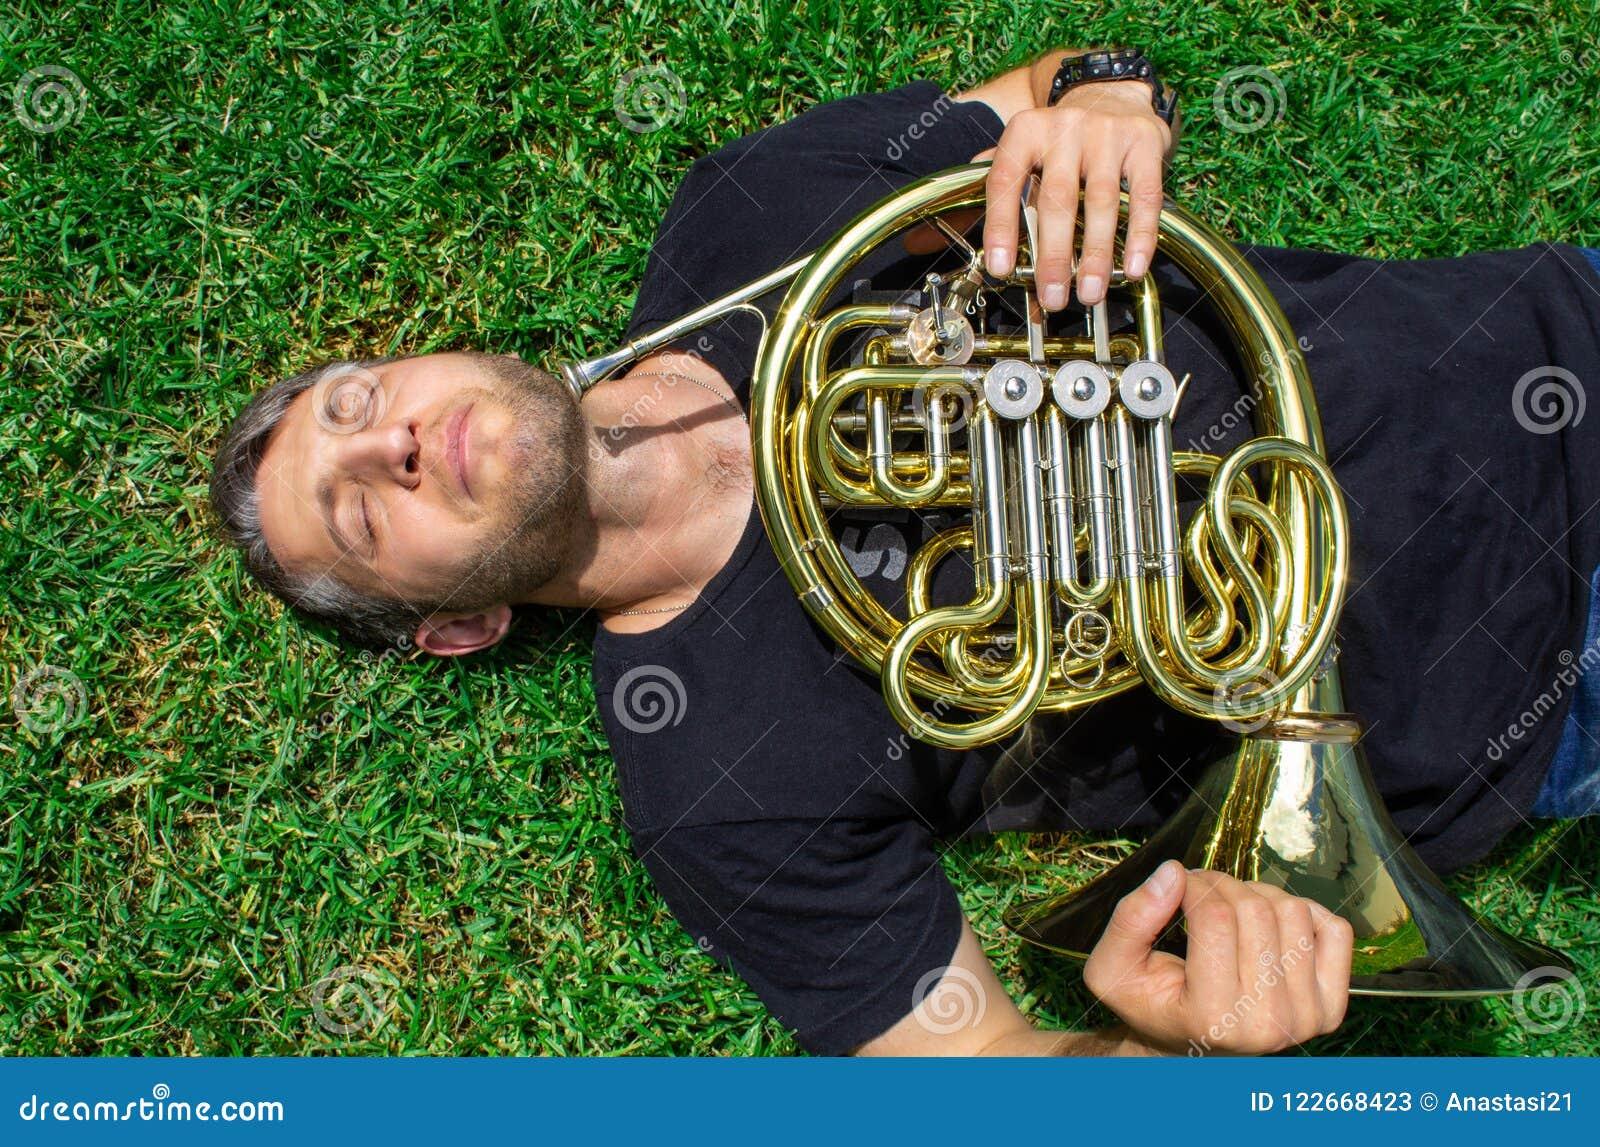 Fransk horn En man i en T-tröja ligger på gräset och rymmer ett musikinstrument Waldhorn